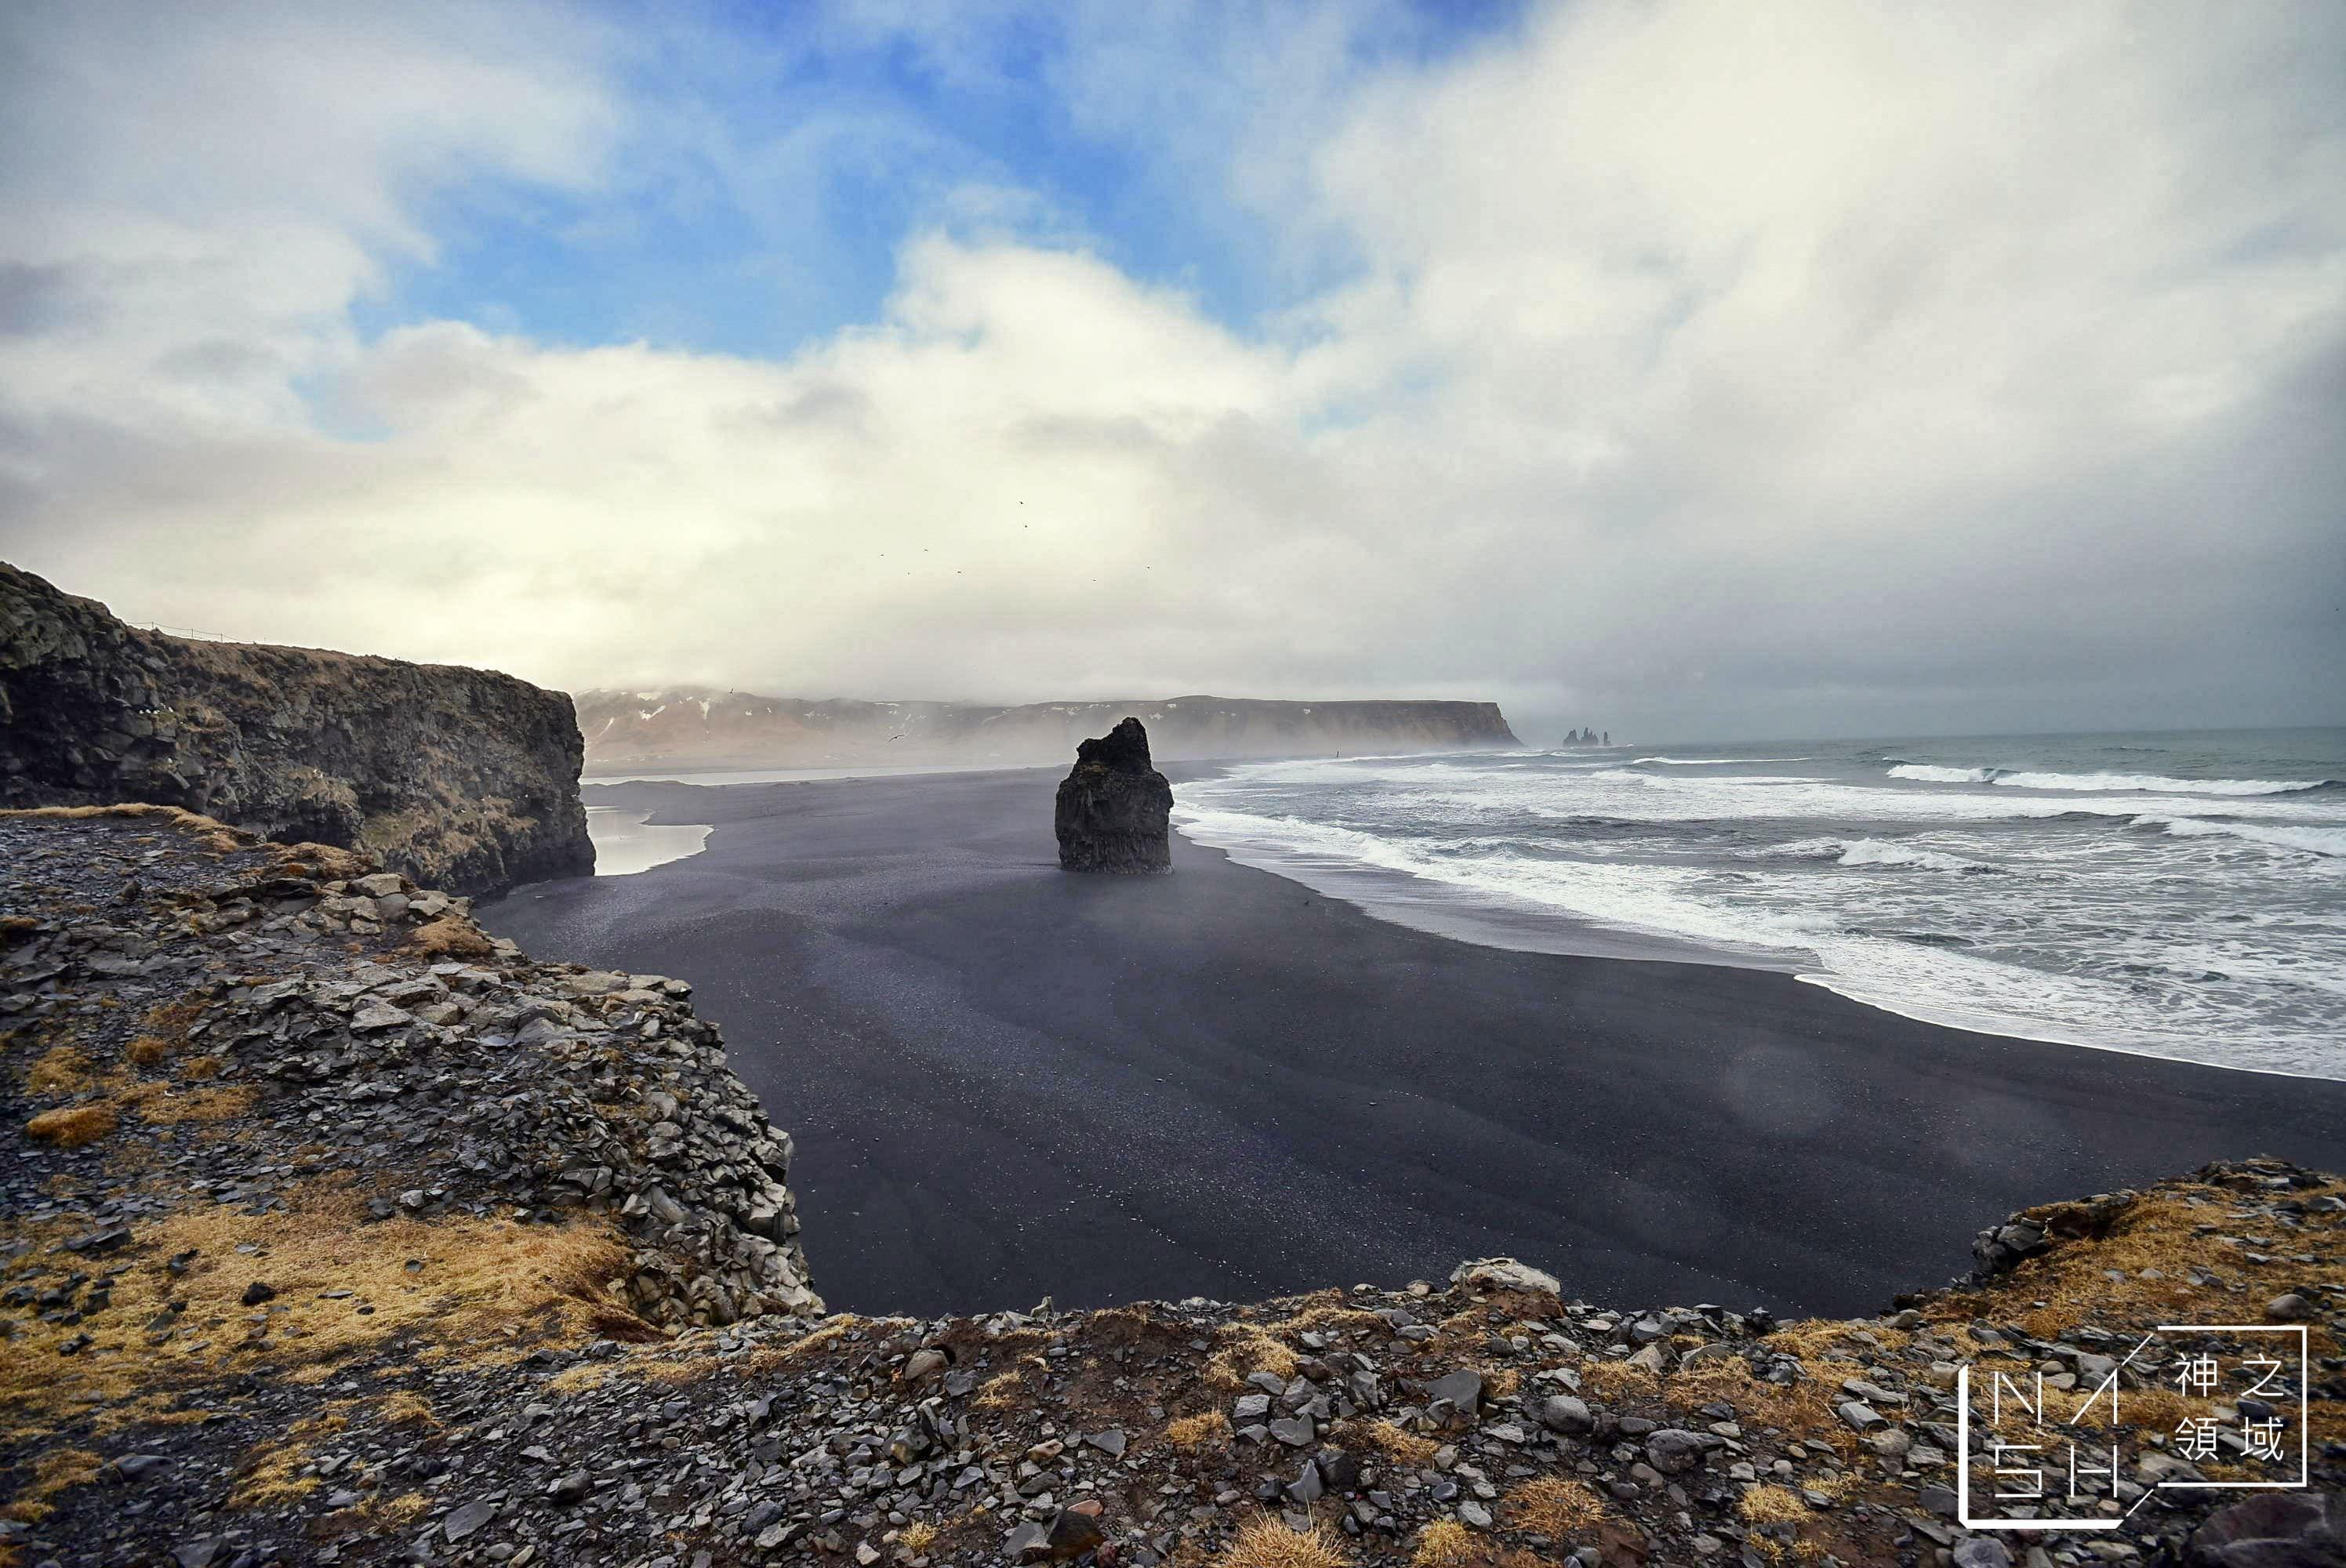 黑沙灘,Reynisfjara Beach,Kirkjufjara beach @Nash,神之領域